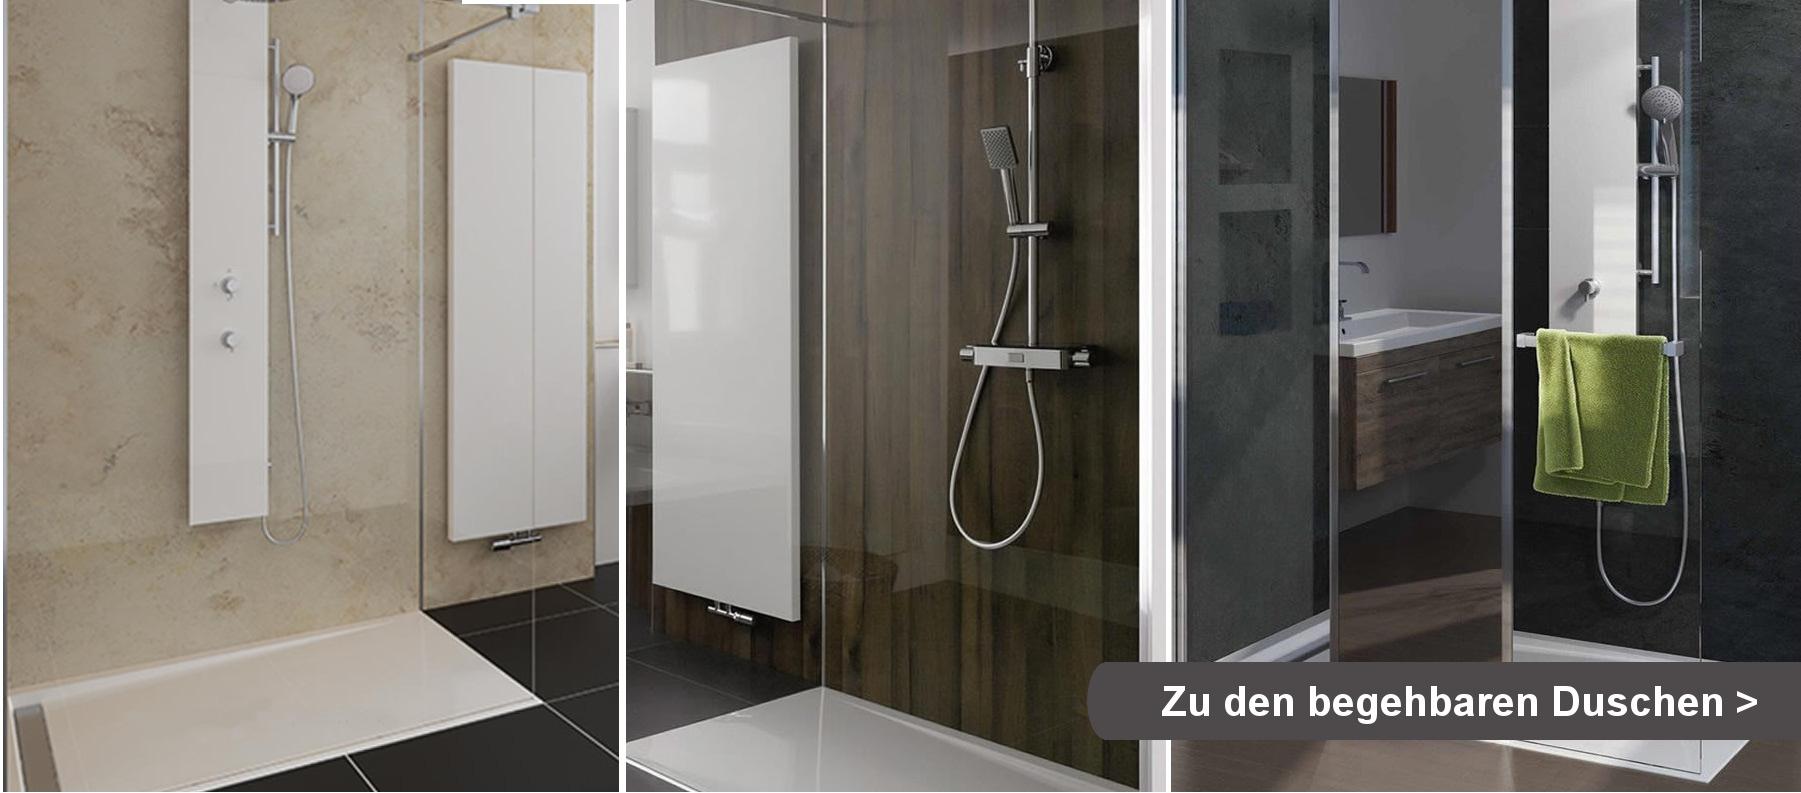 begehbare duschen - design und funktionalität vereint